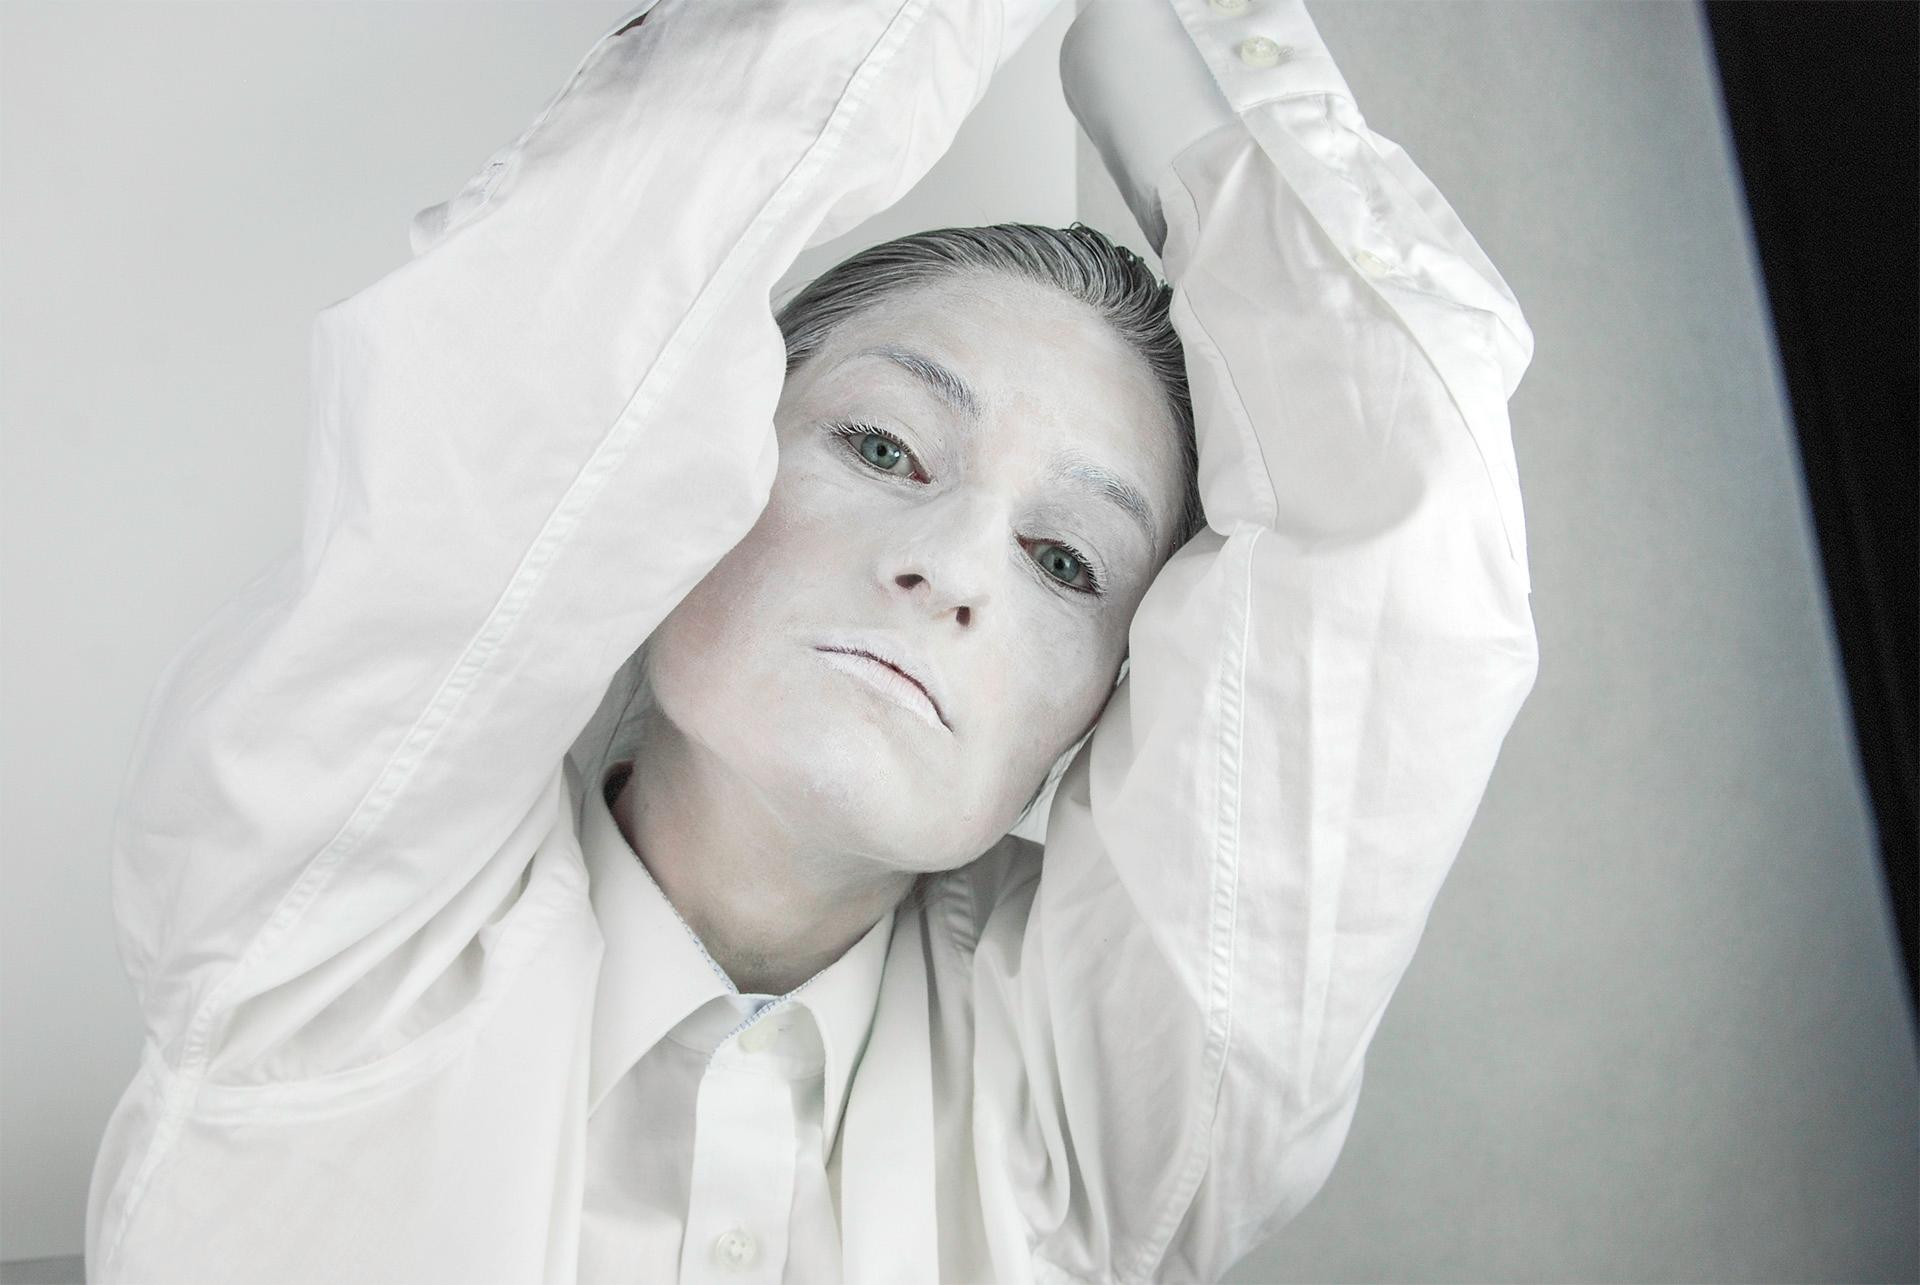 Zdjęcie przedstawia postać pomalowaną na biało z uniesionymi do góry rękami.